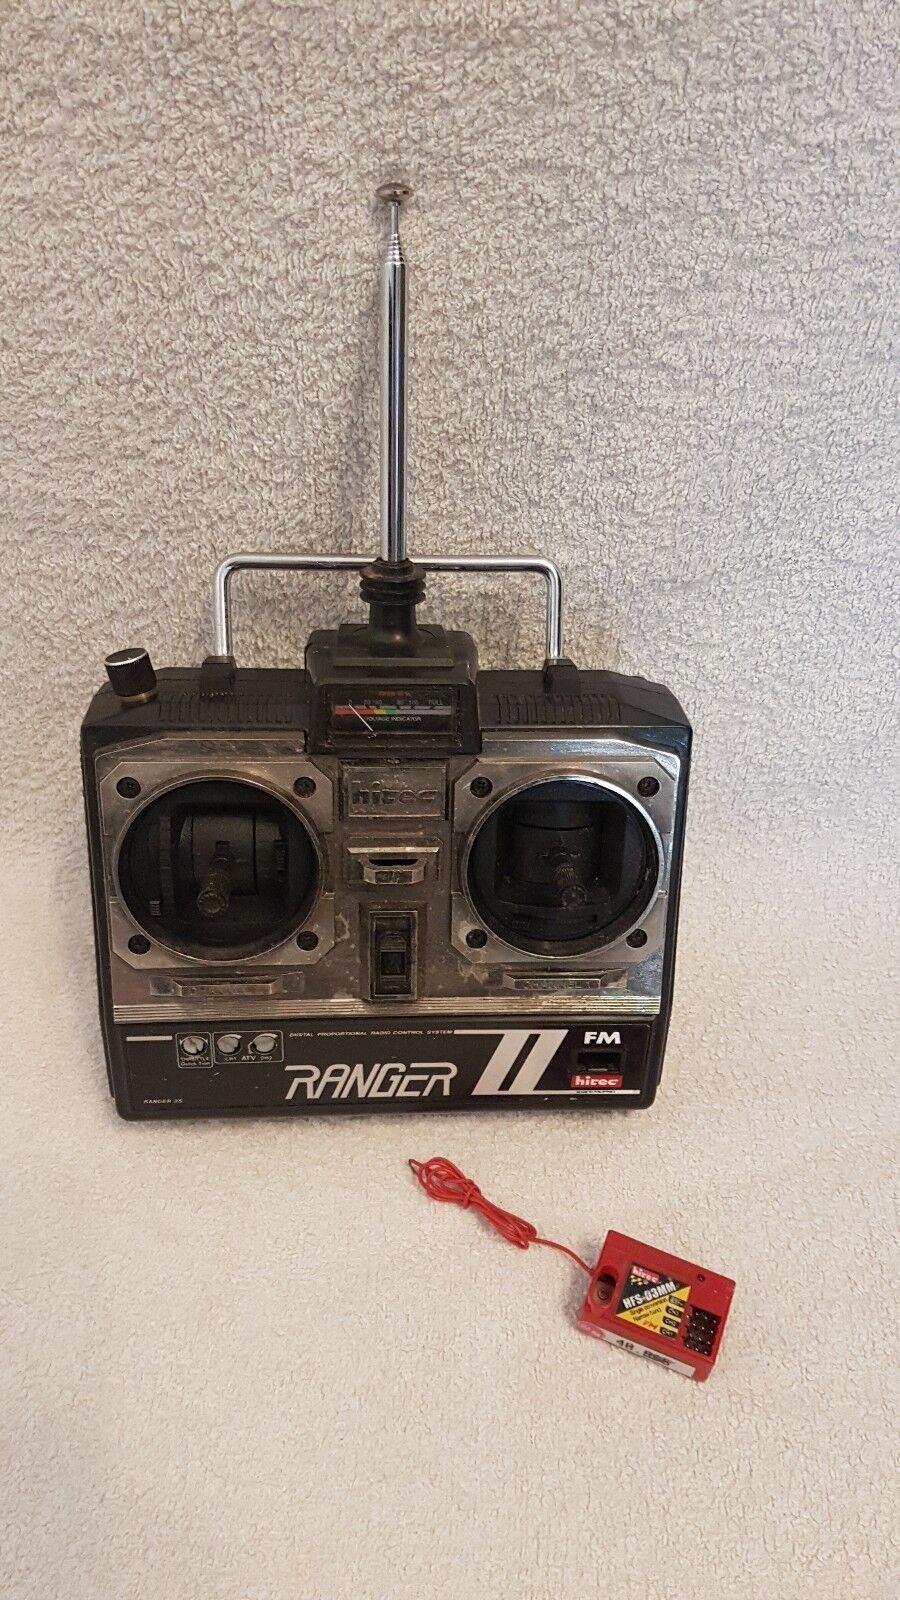 HITEC Ranger 2S II 40Mhz Radio FM RC R/C Trasmettitore + Ricevitore Automobili Barche